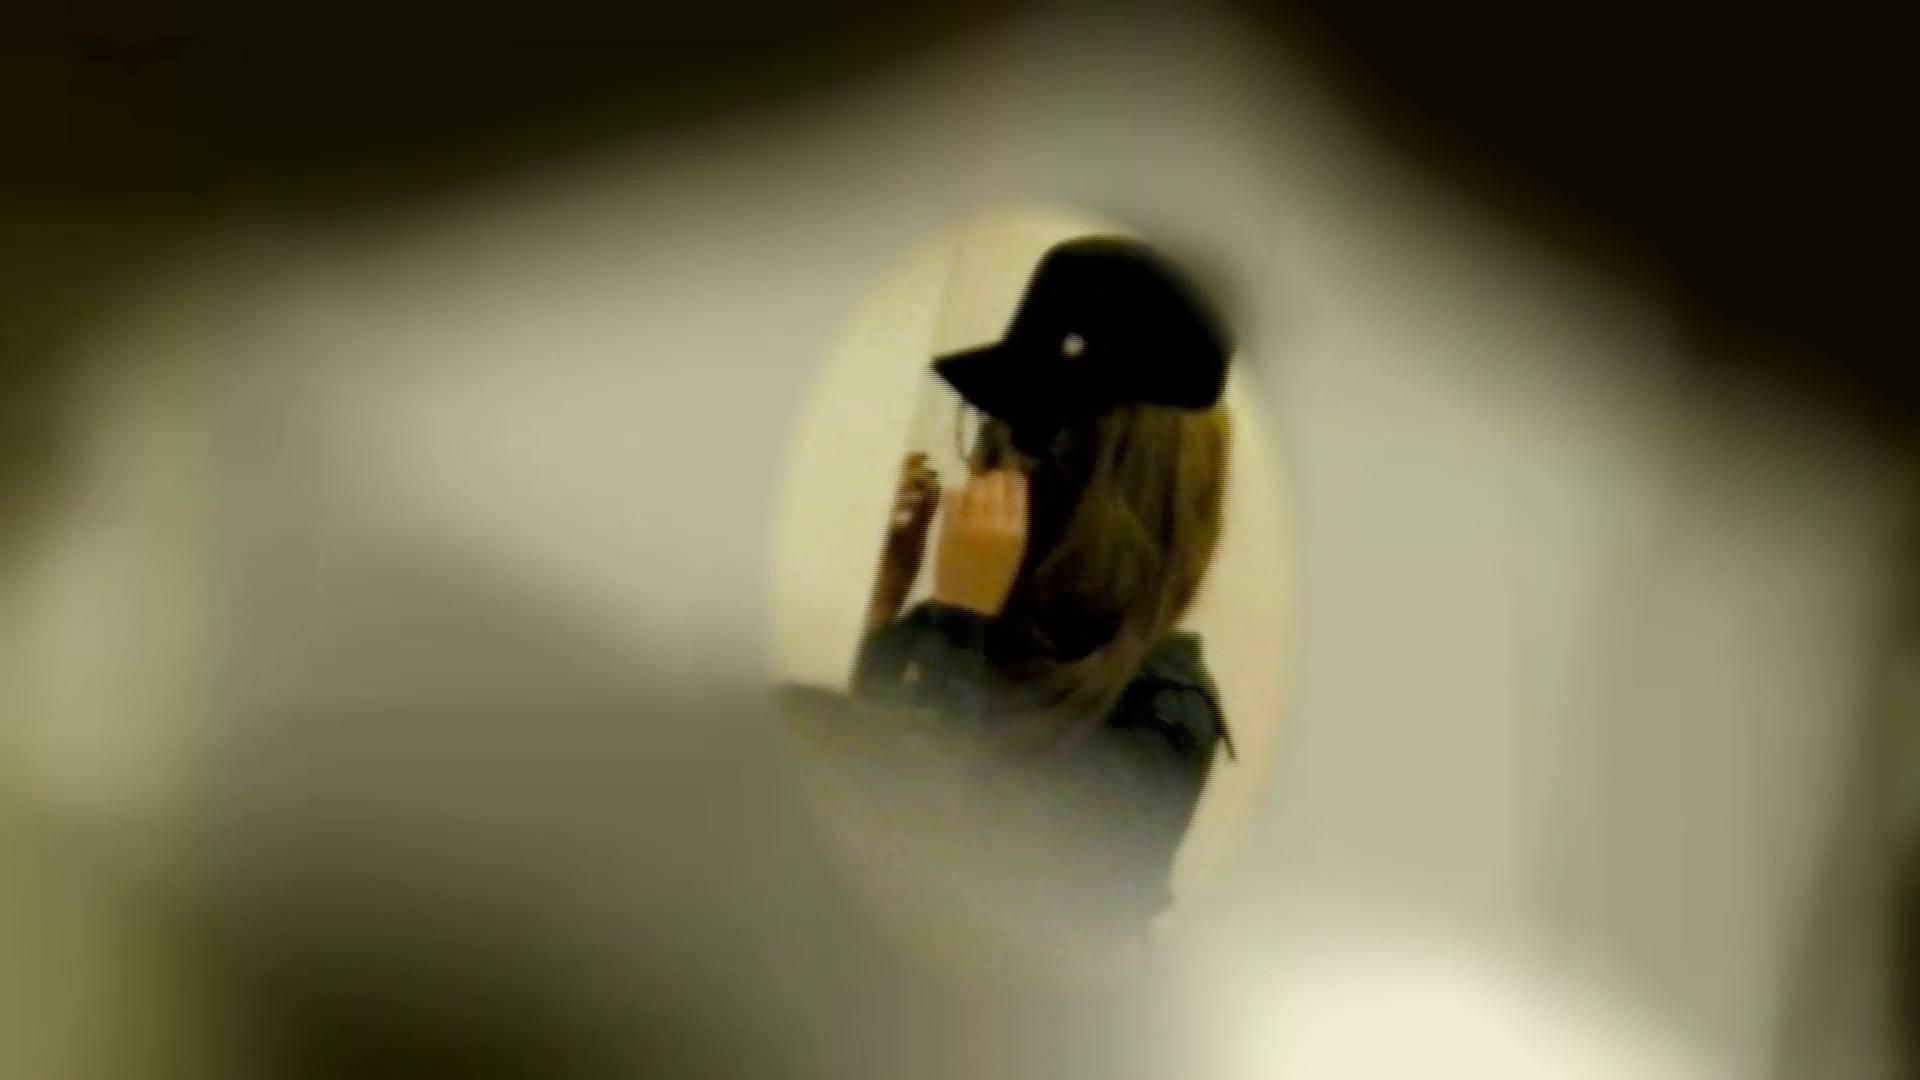 新世界の射窓 No78 トリンドル 玲奈似登場シリーズ美女率最高作! 高画質  89PIX 19